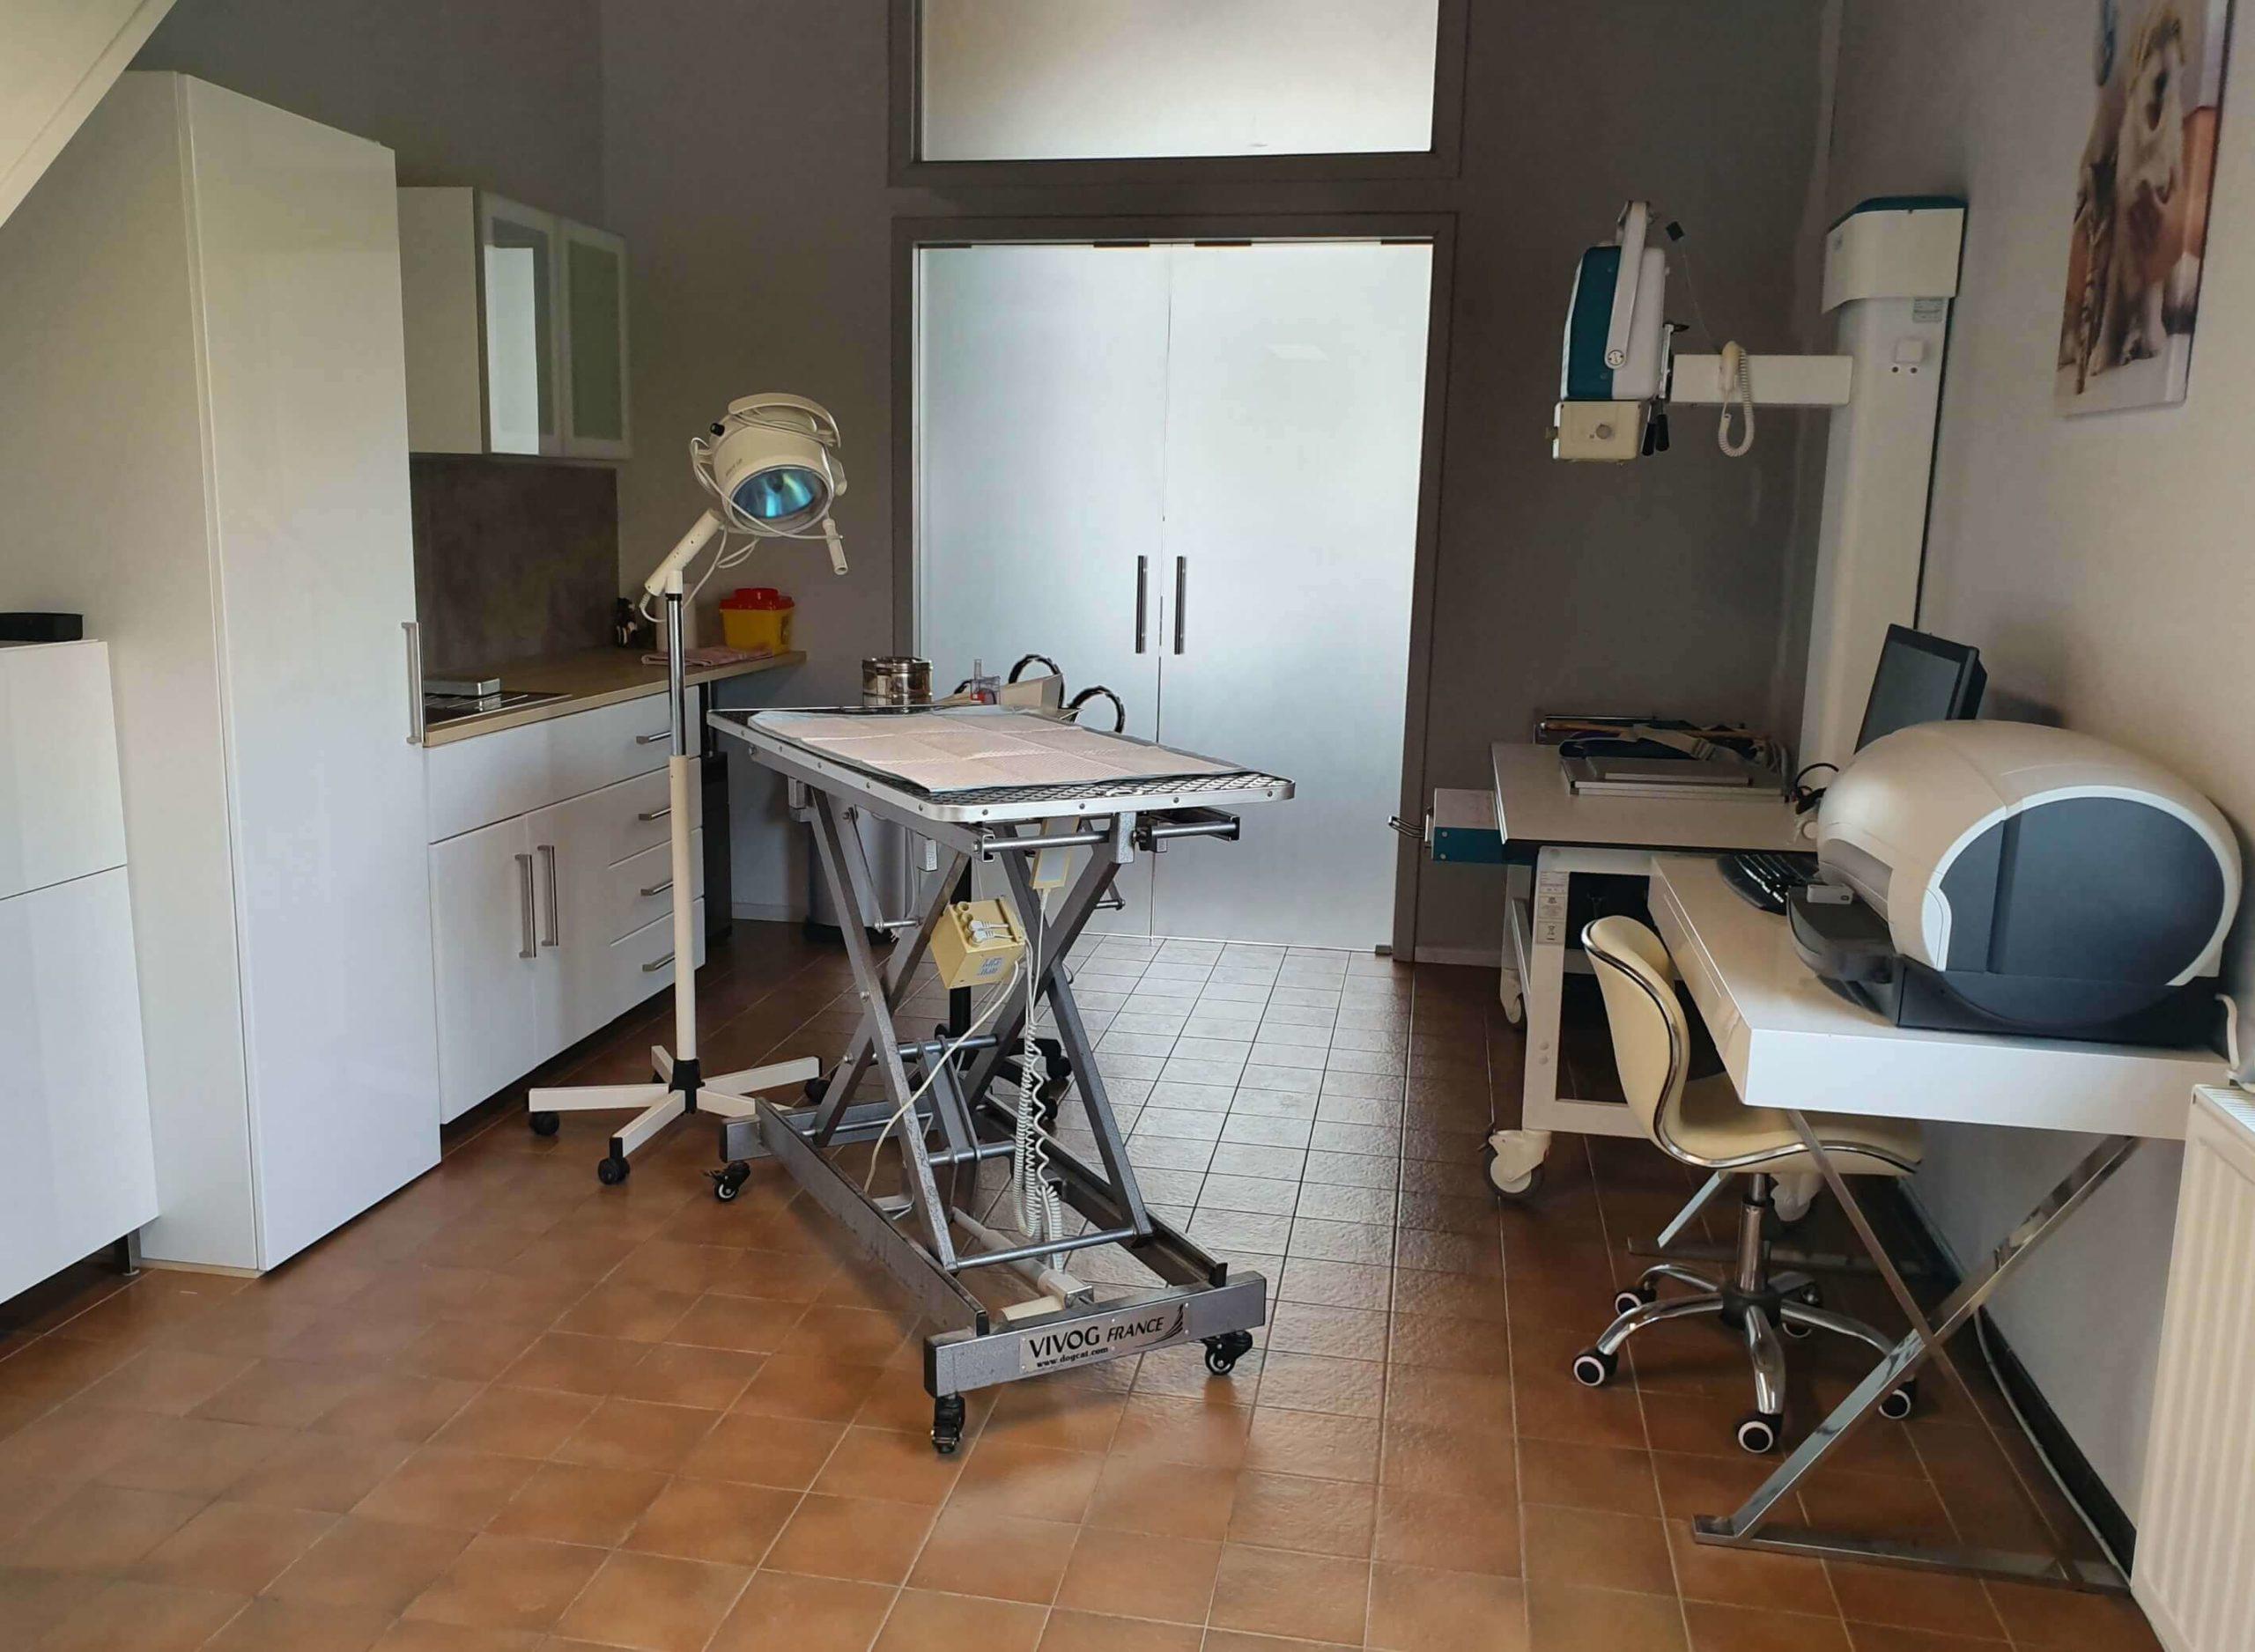 echographie01-veterinaire-ransart-charleroi (1)